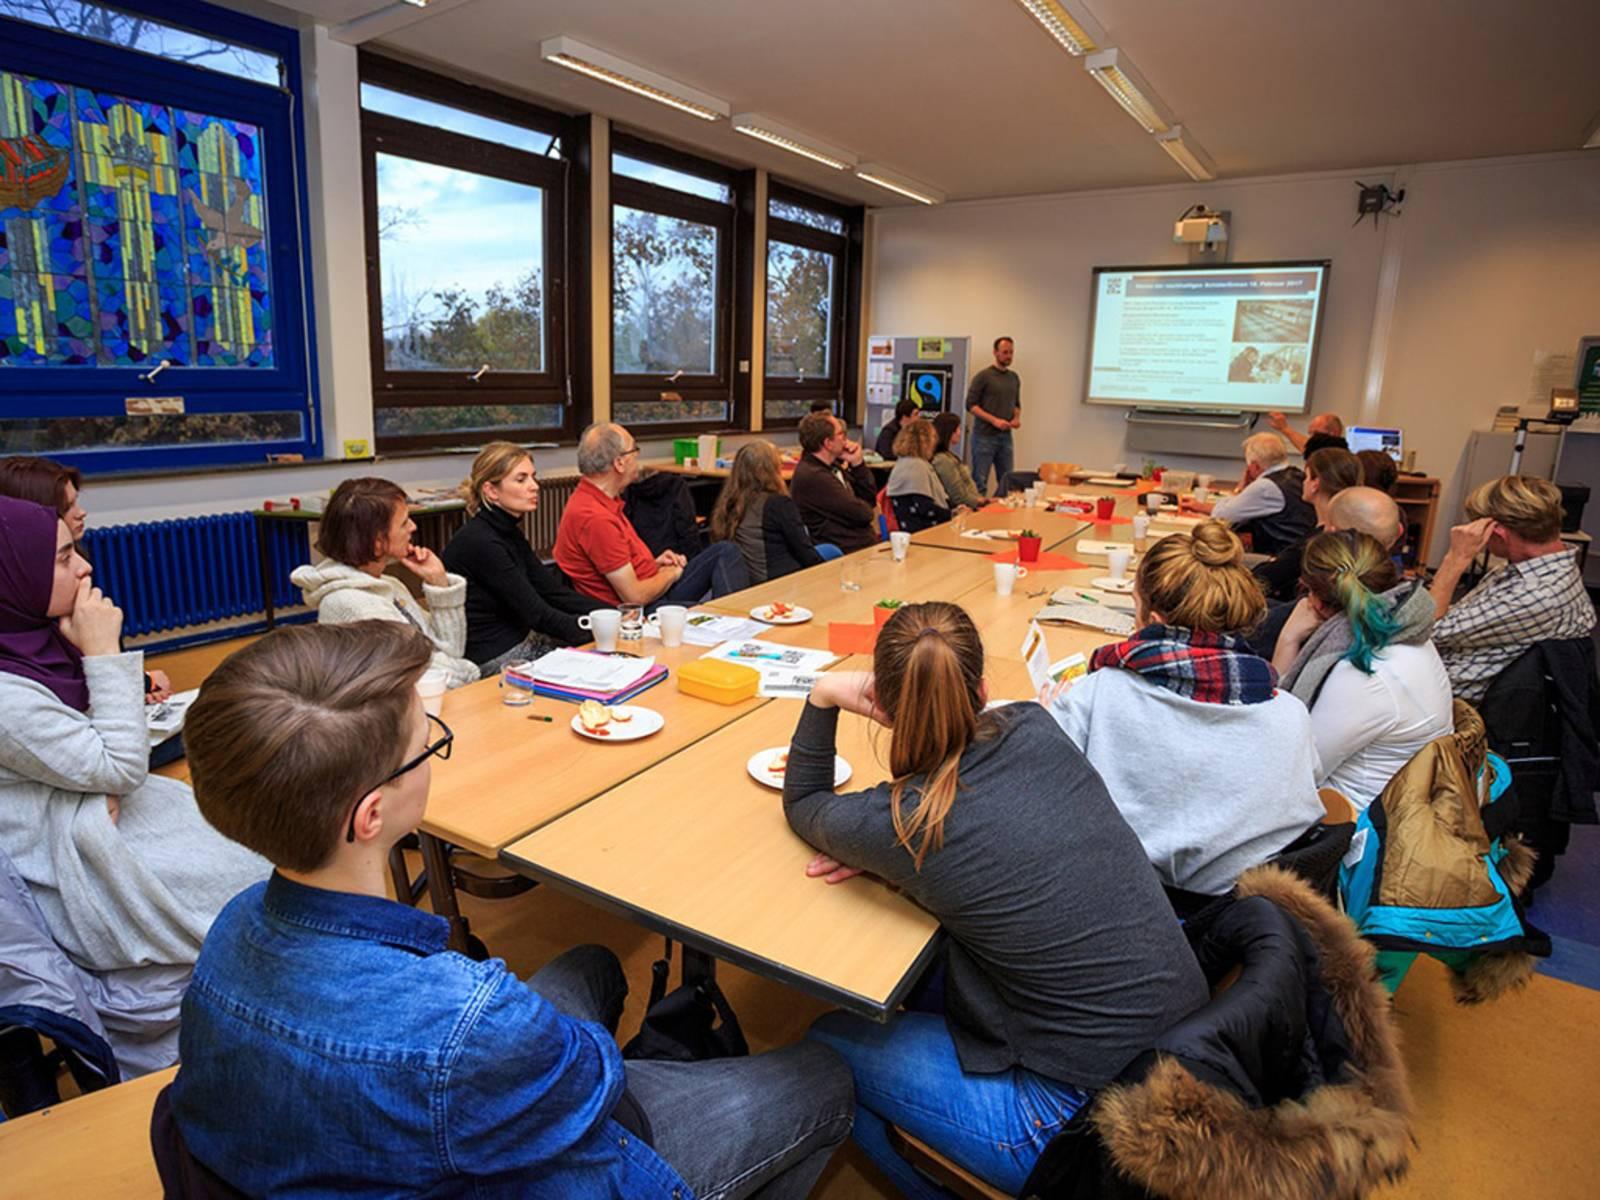 Schülerinnen, Schüler und Lehrkräfte sitzen um einen langen Tisch und hören einem Vortrag zu